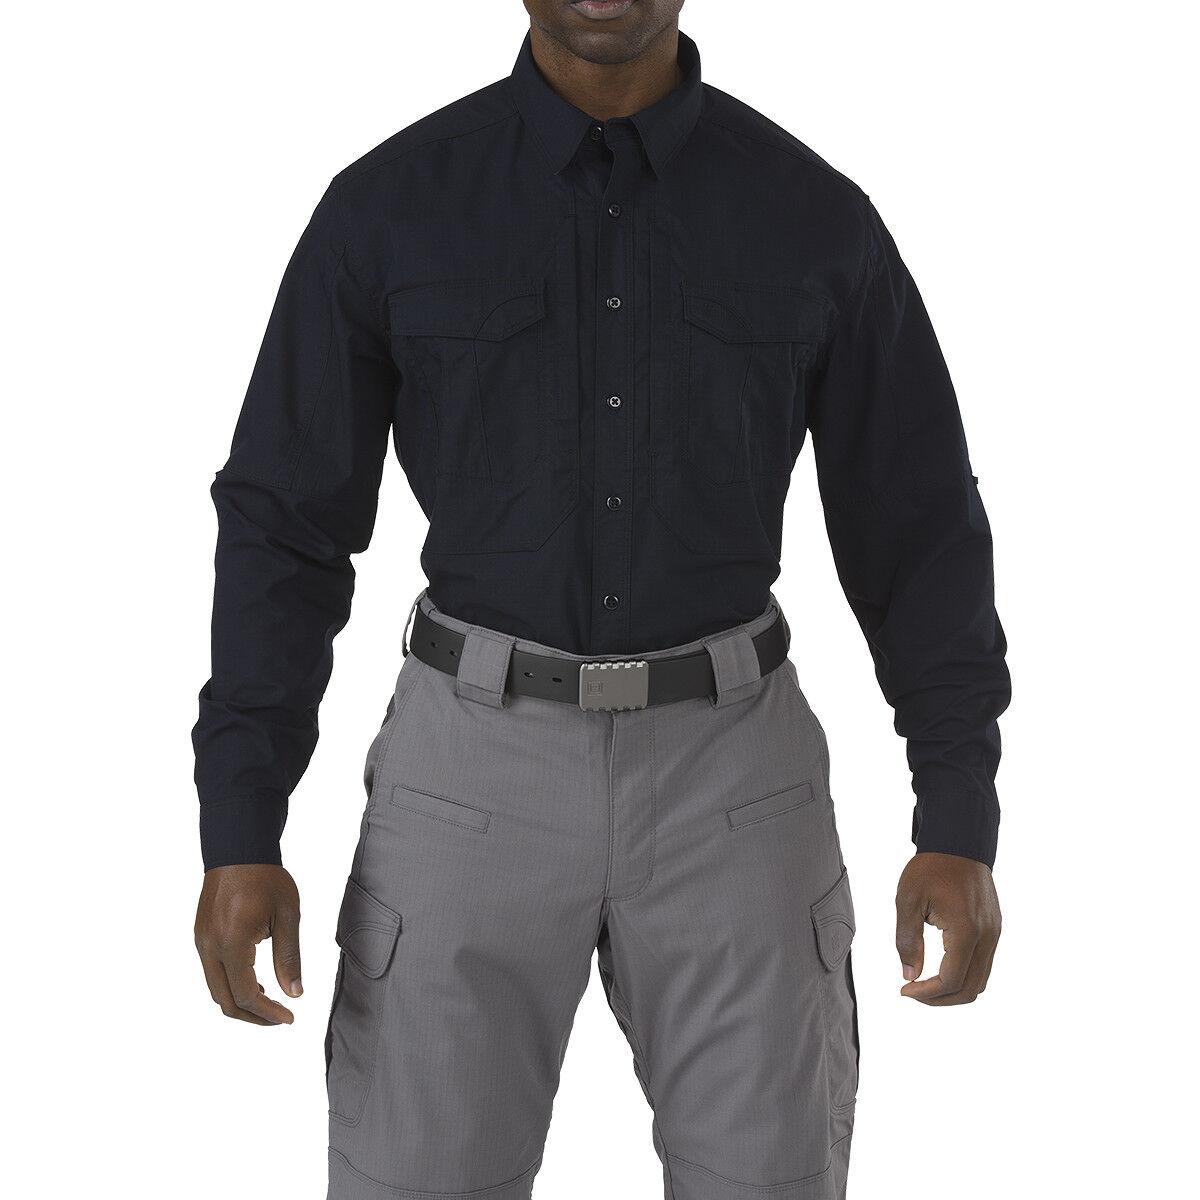 5.11 Stryke Marine Cadet Mens Shirt Police Long Sleeved Uniform Top Dark Navy